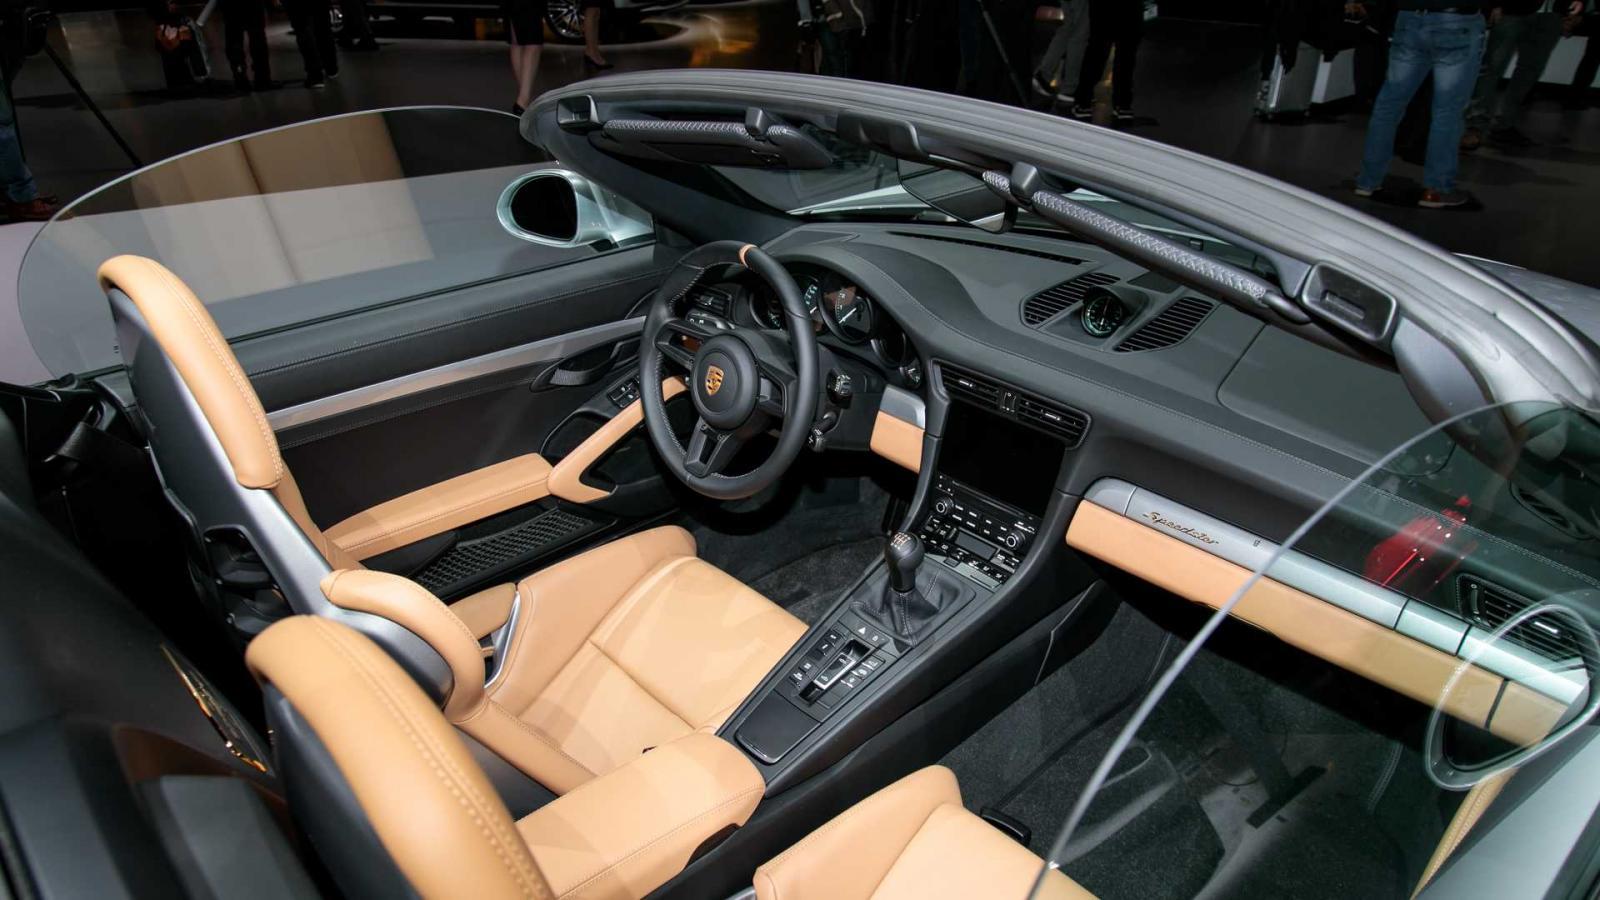 Porsche 911 Speedster 2020 được chốt giá, đắt hơn cả Lamborghini Urus và Huracan - Hình 5